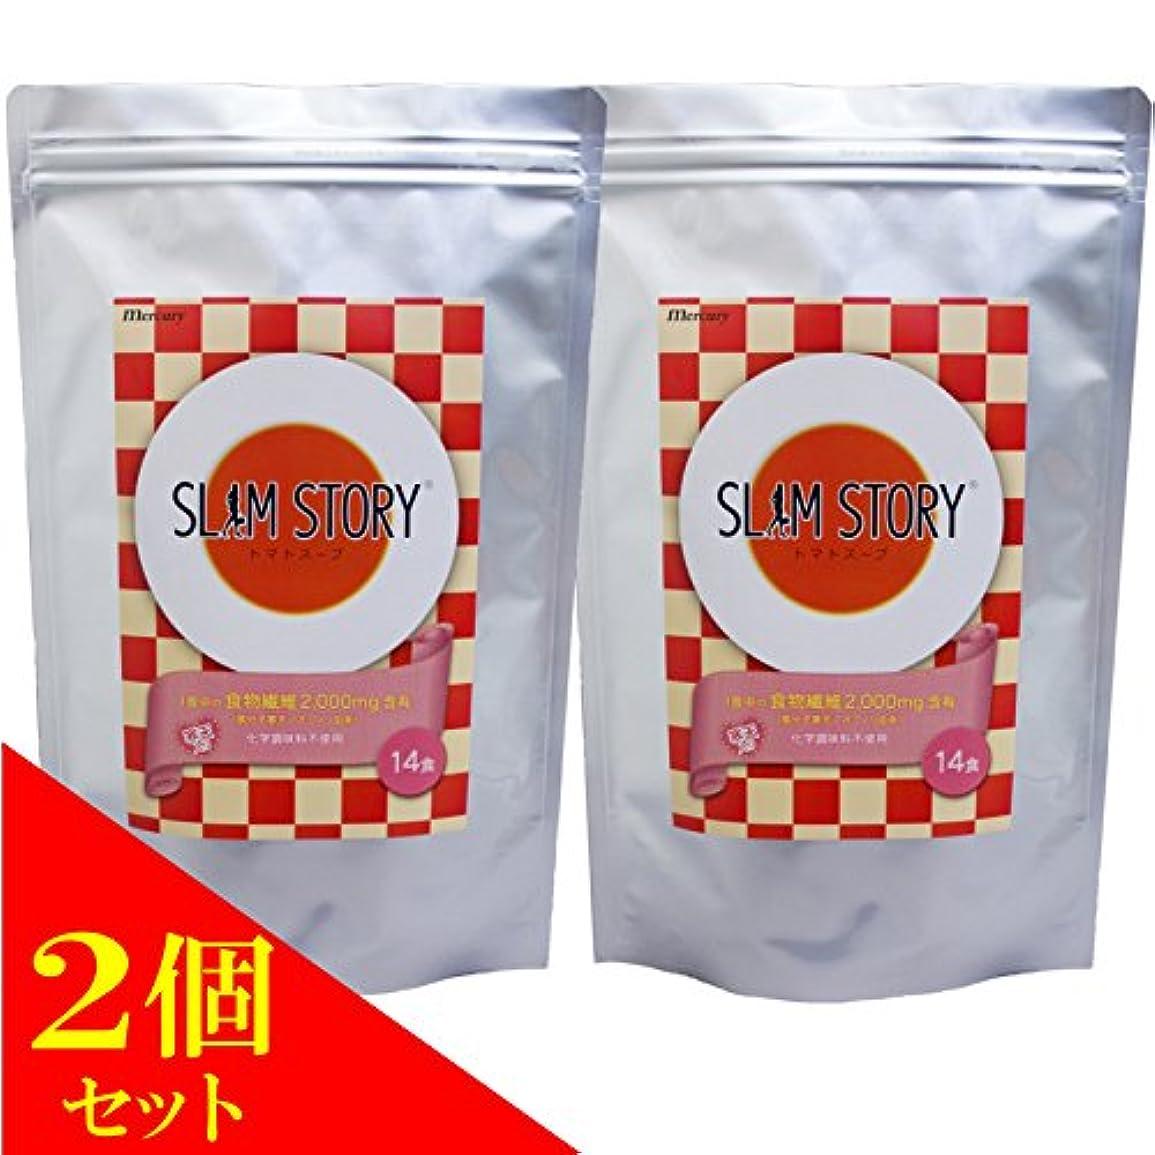 旅行者母性オークランド(2個) マーキュリー SLIM STORY トマトスープ 14食×2袋セット/化学調味料 不使用(4947041155022)